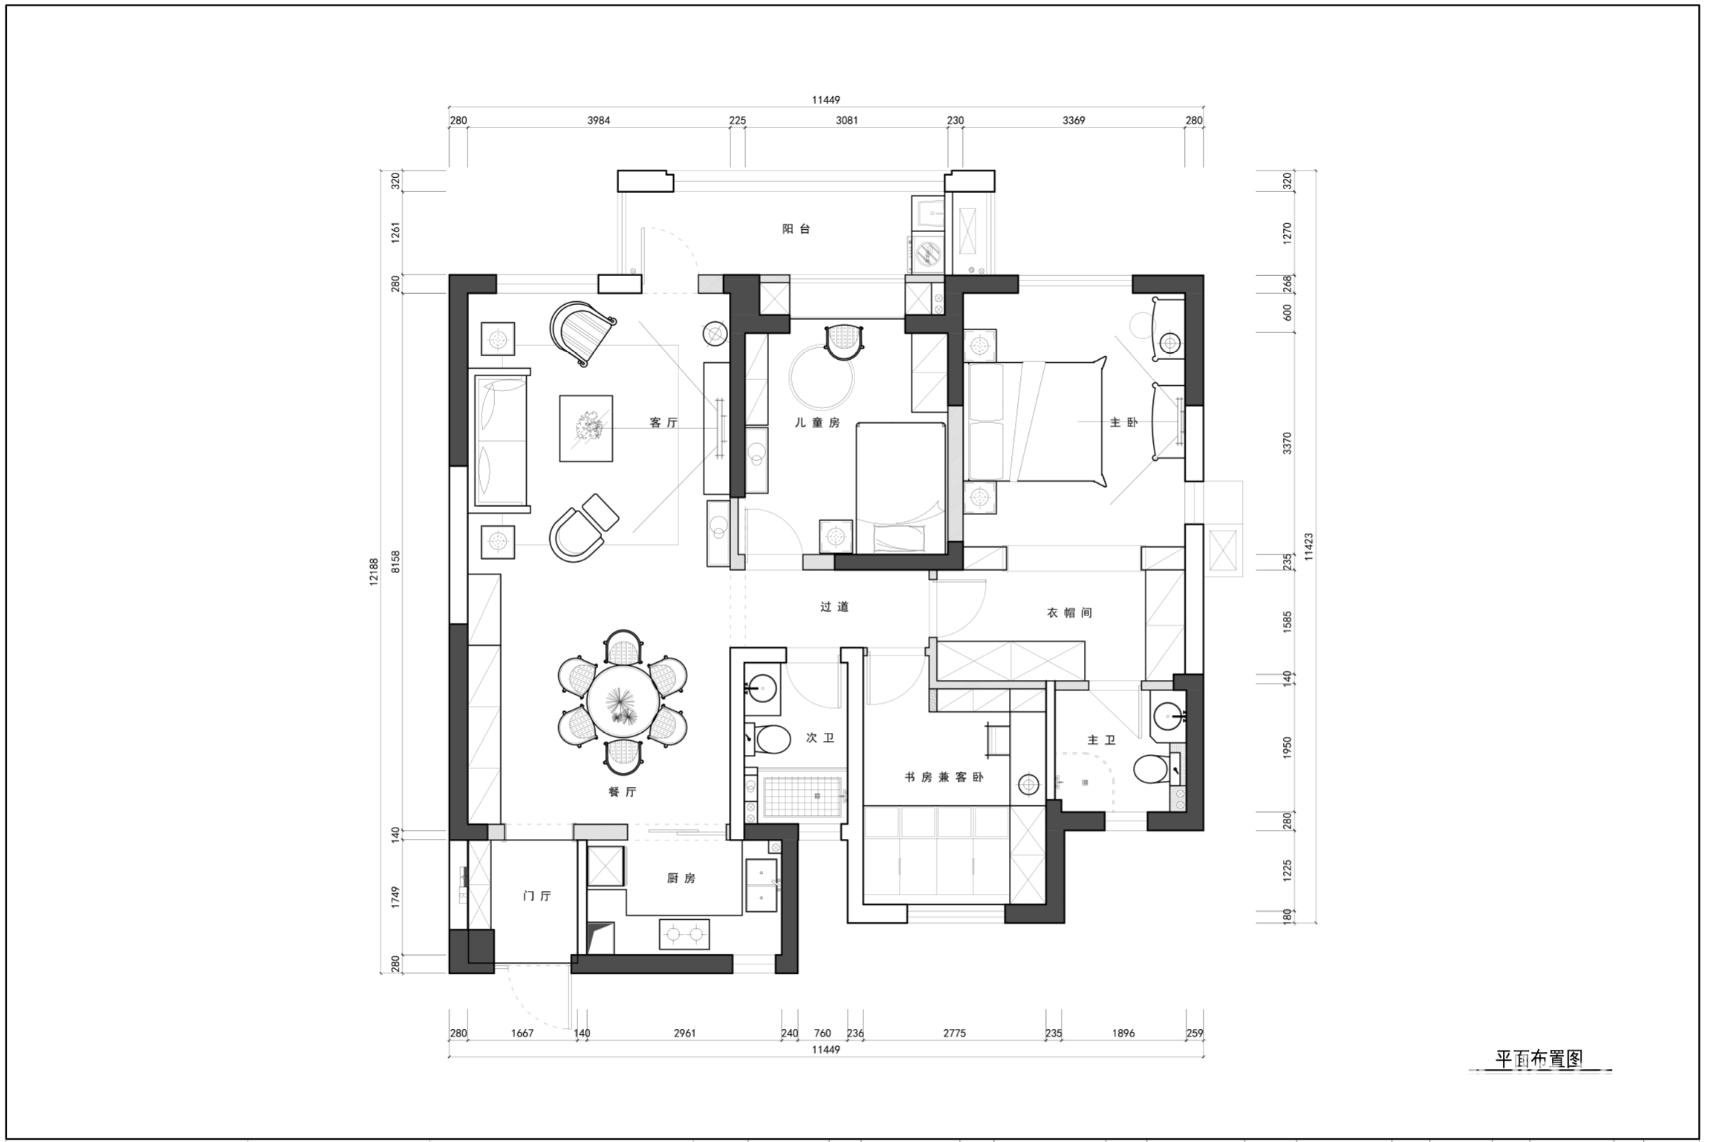 16万140平米美式三居室装修效果图,复地东湖国际10栋